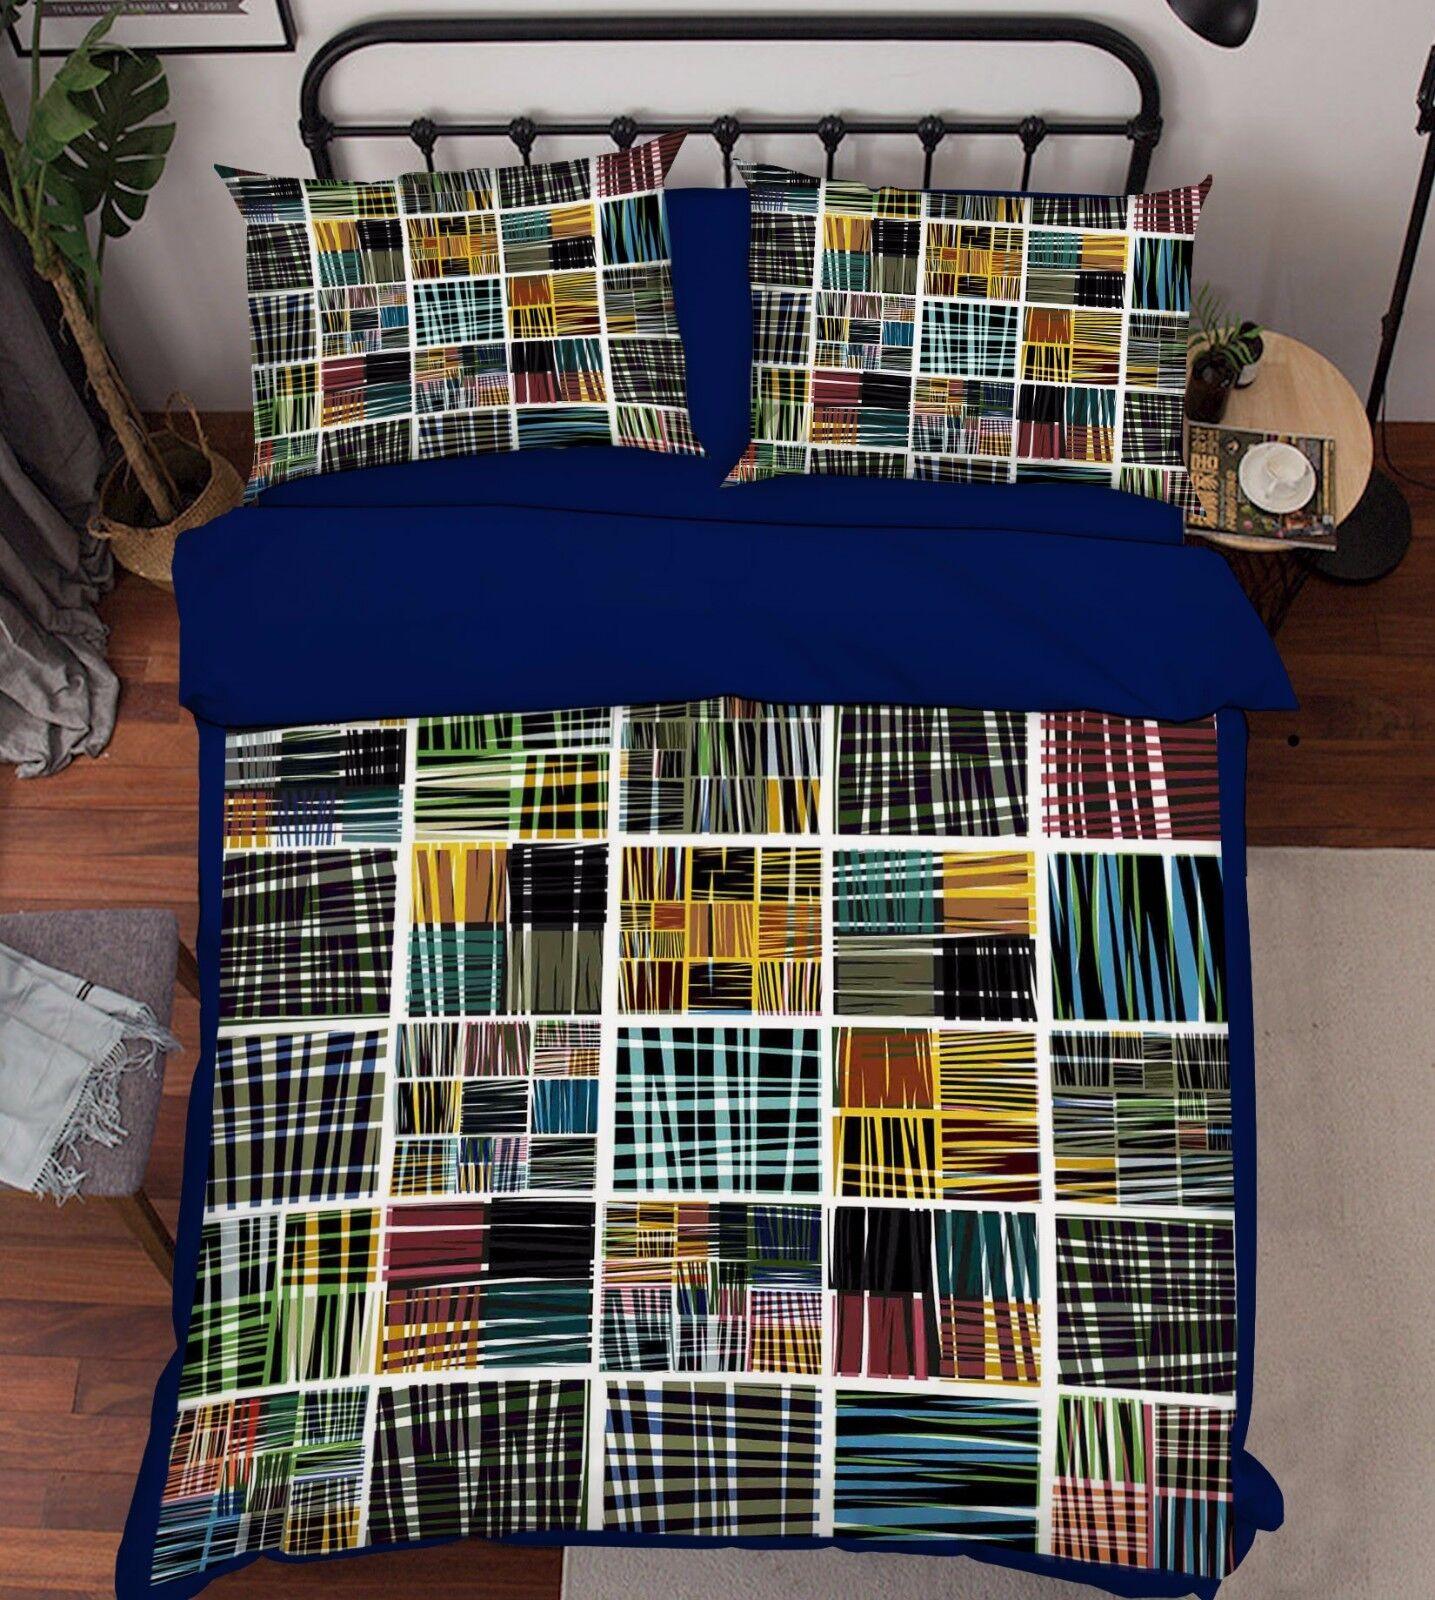 3d Couleur Grille 907 lit housses de coussin steppes couette couvertures Set Single de Kyra